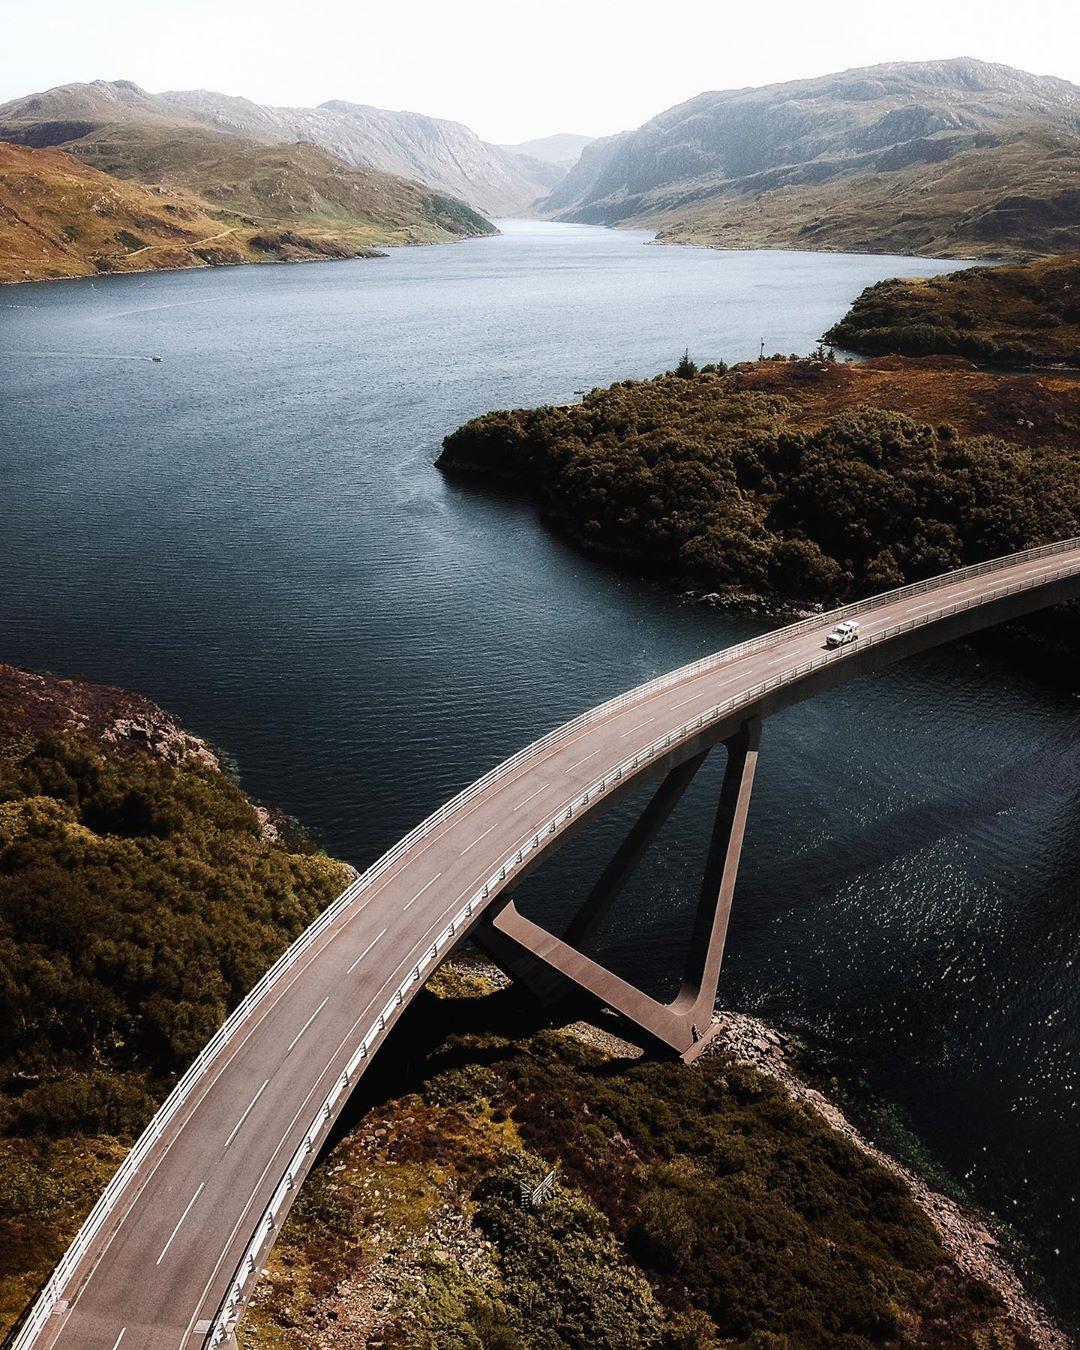 Природа и путешествия на снимах Ллойда Эванса